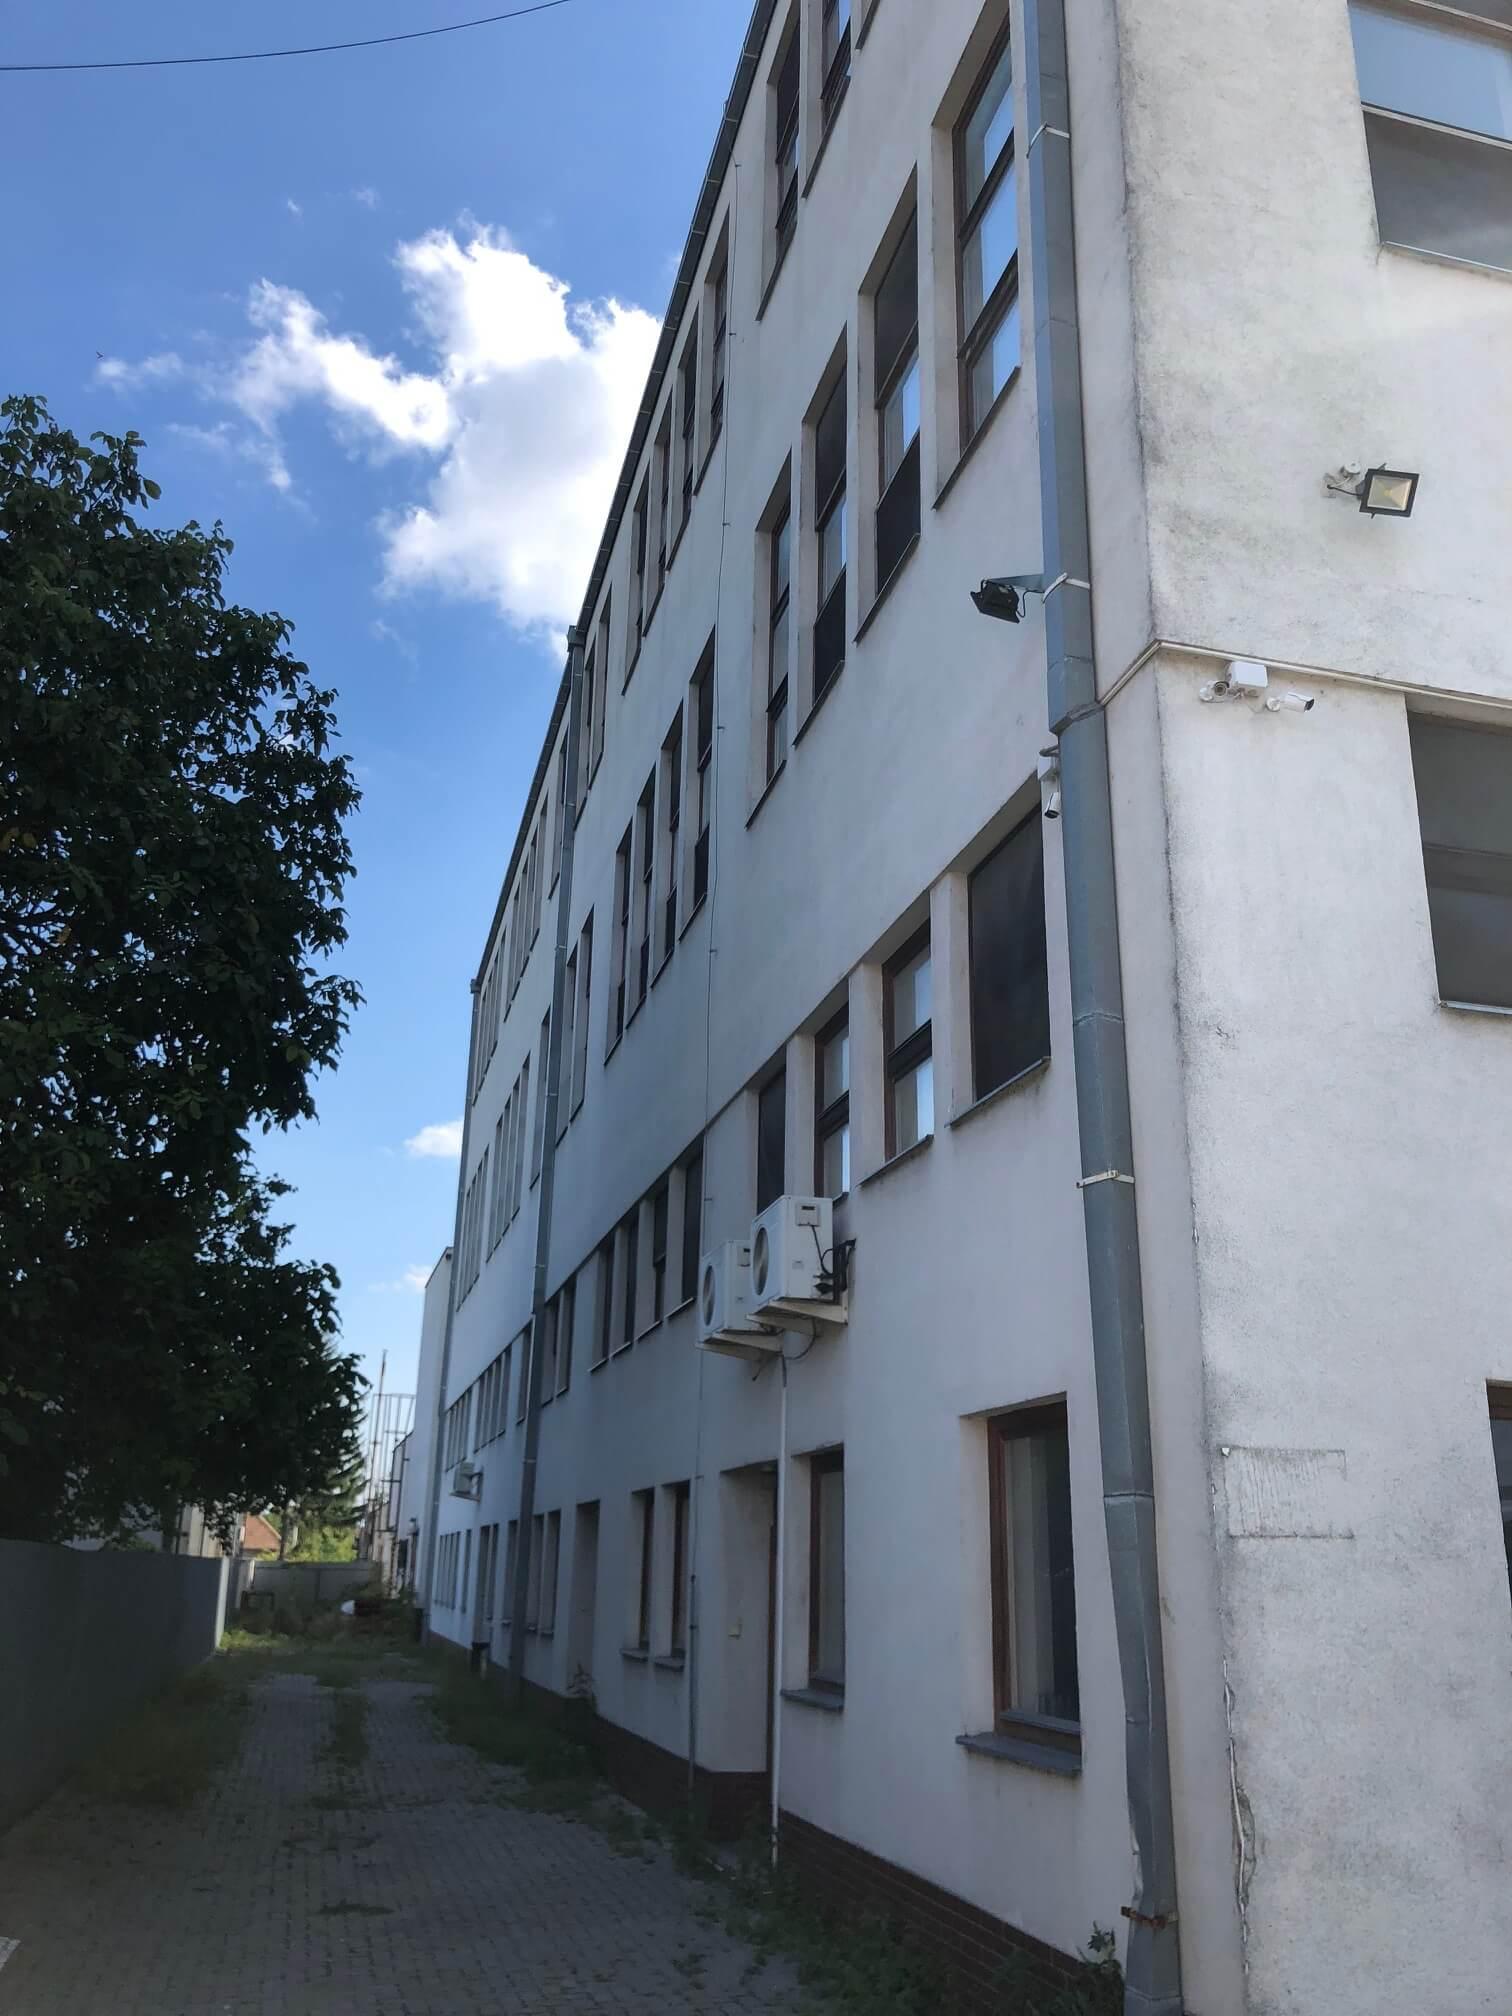 Na prenájom Budova skladov a výrobne v Dunajskej Strede, Drevárska, pozemok 2272m2, spolu 4 podlažia 4767m2-22